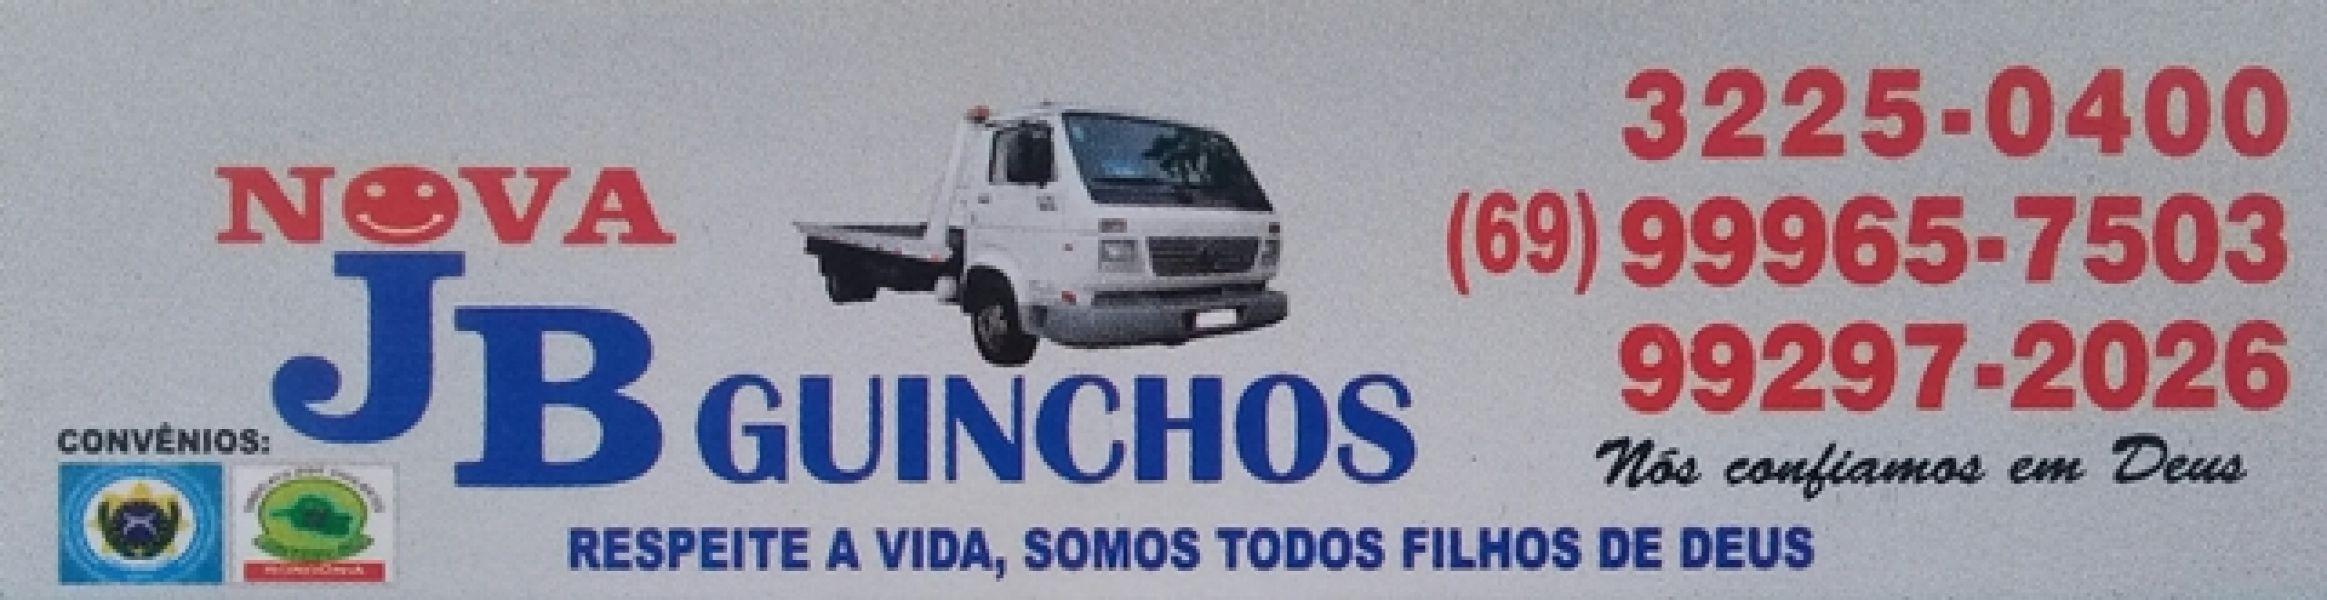 JB GUINCHOS